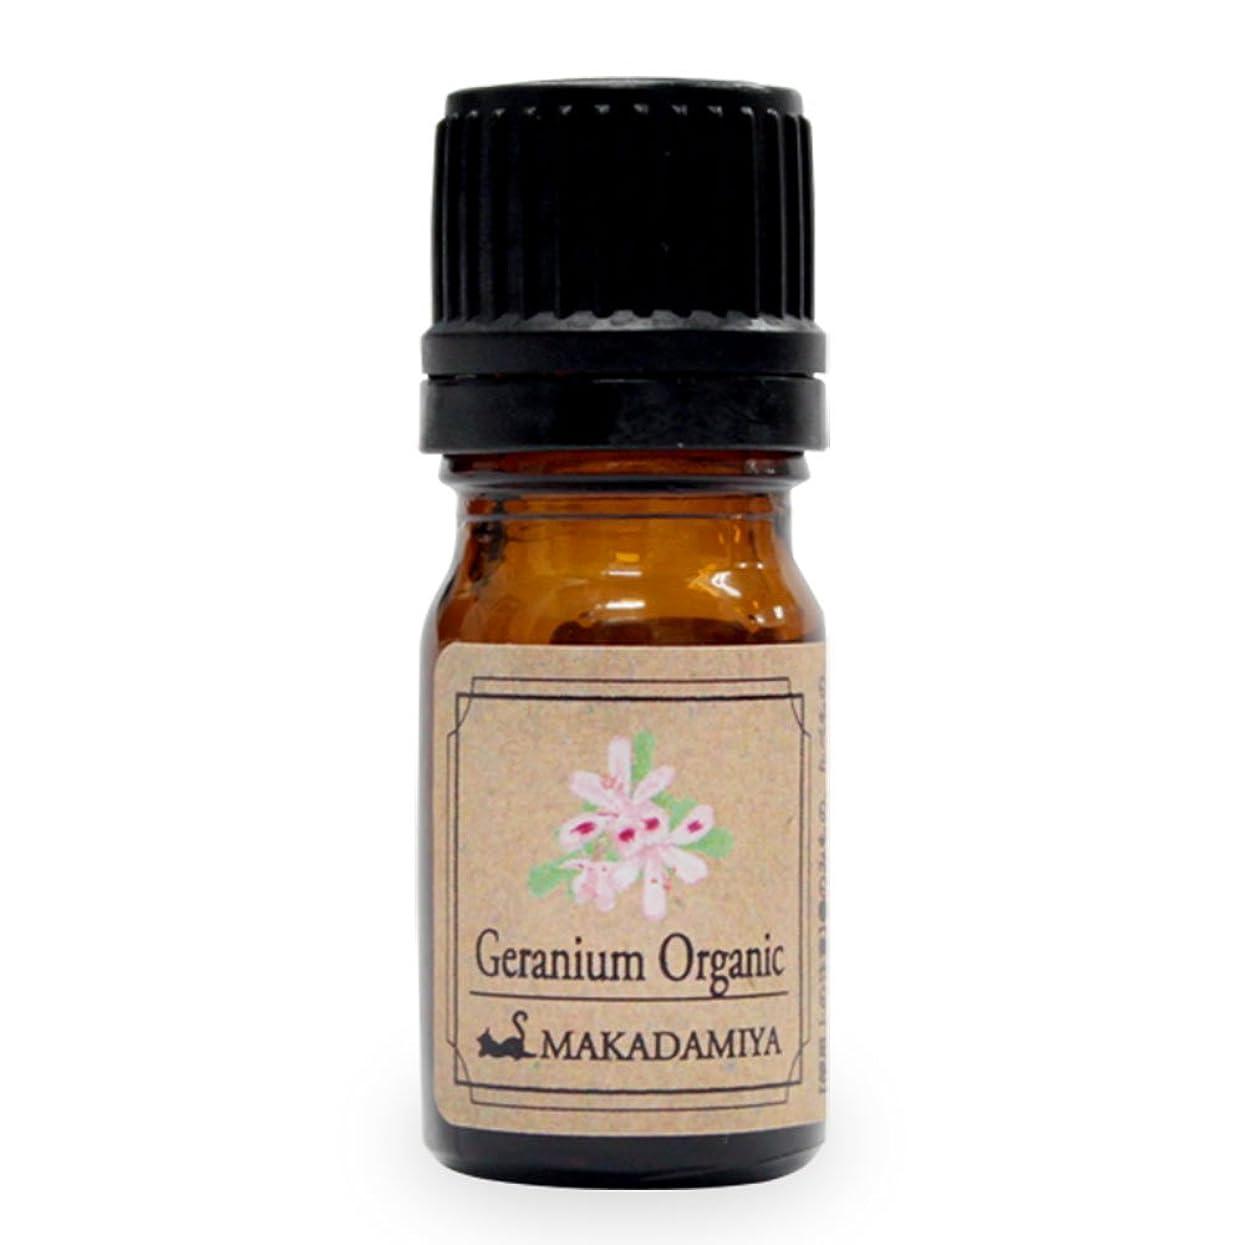 魅惑的な床を掃除する冬ゼラニウム有機1ml 天然100%植物性 エッセンシャルオイル(精油) アロマオイル アロママッサージ aroma